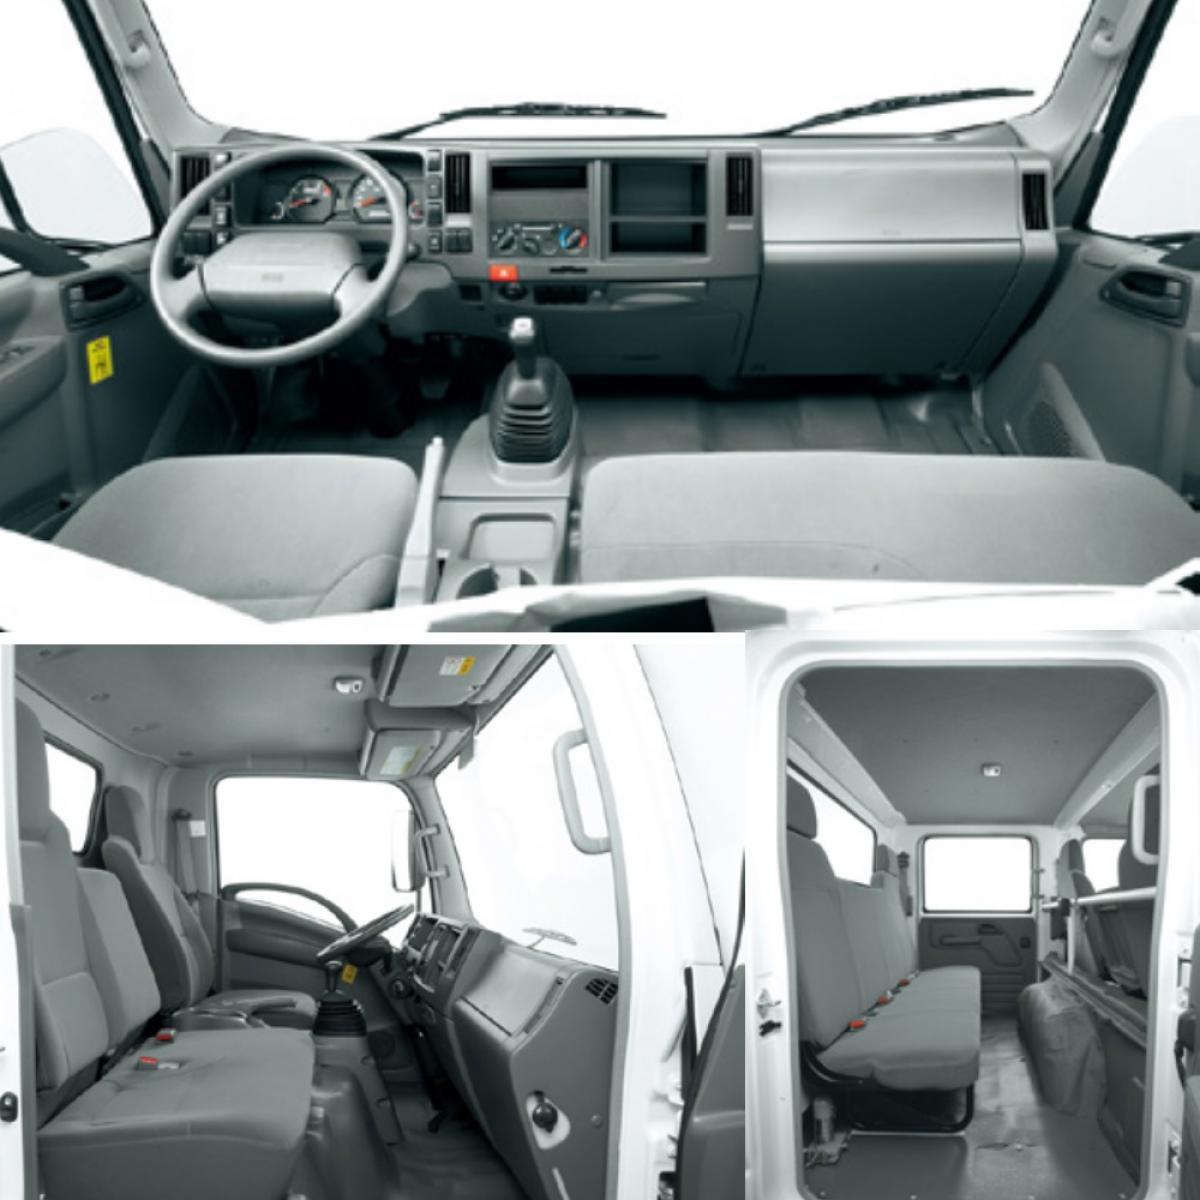 Isuzu P75 190 CREW Comfort